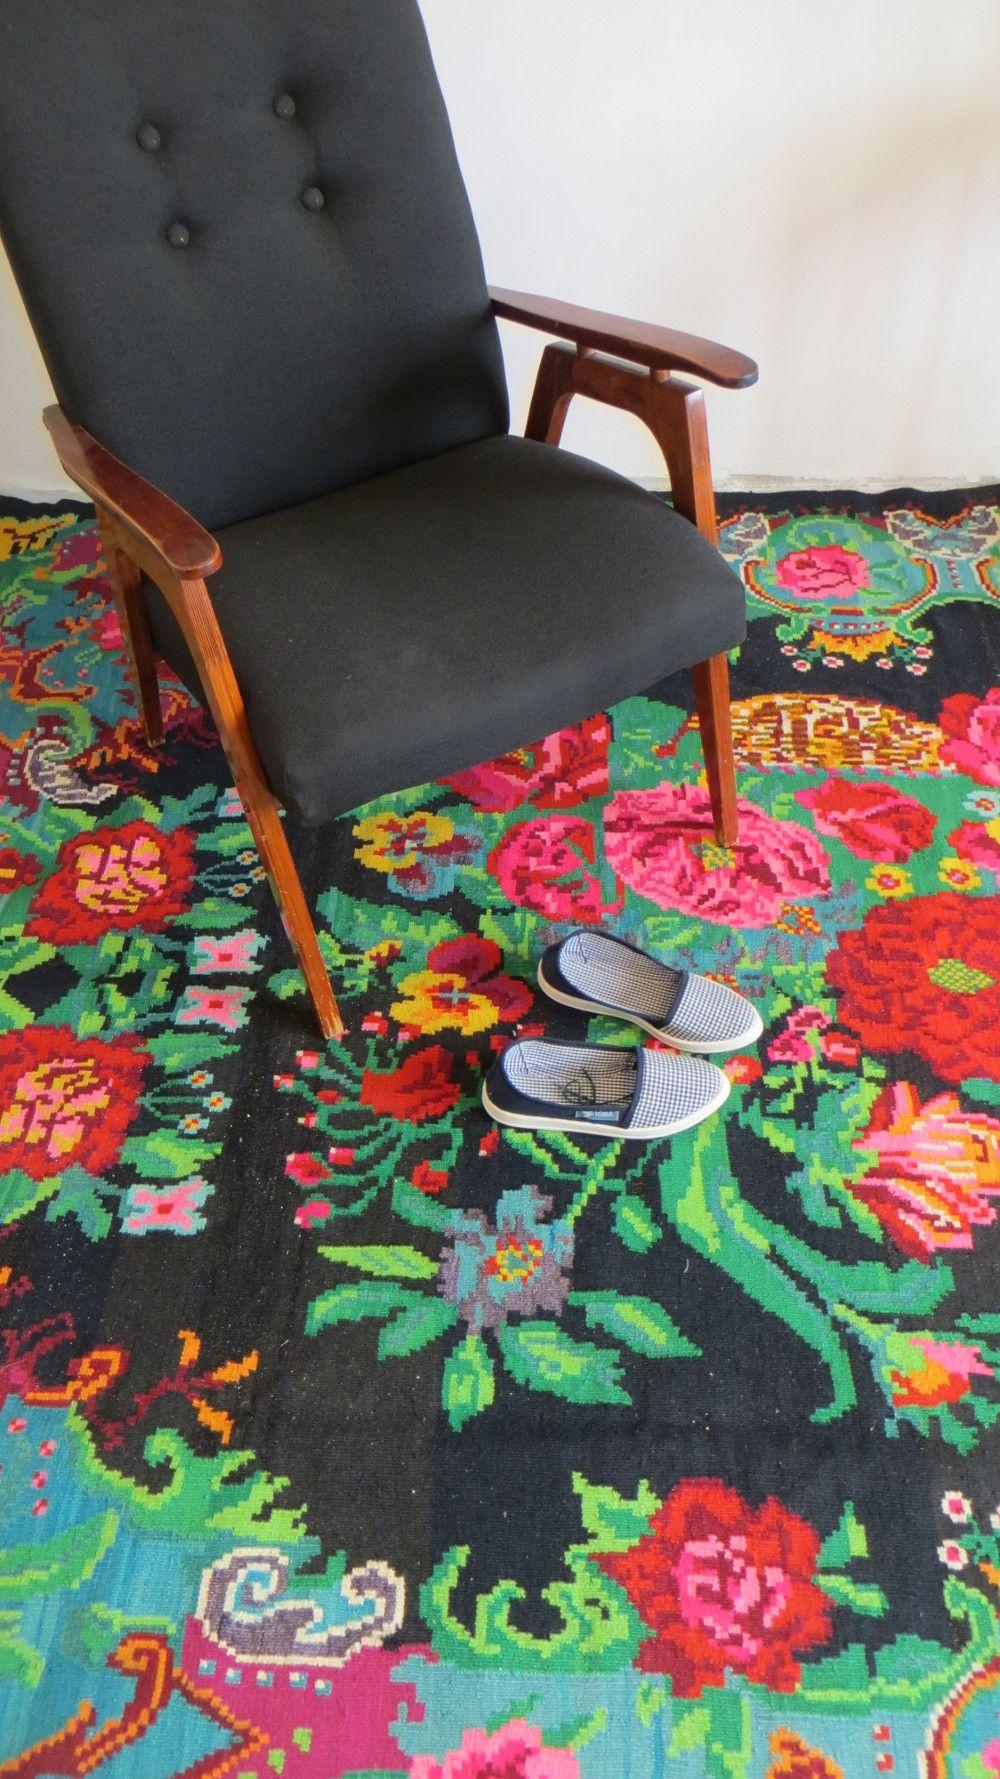 Kelim Teppich Teppiche Online Wollteppich Teppich Türkis Vintage Teppiche  Kinderzimmer Teppich Teppich Kaufen Teppich Günstig Läufer